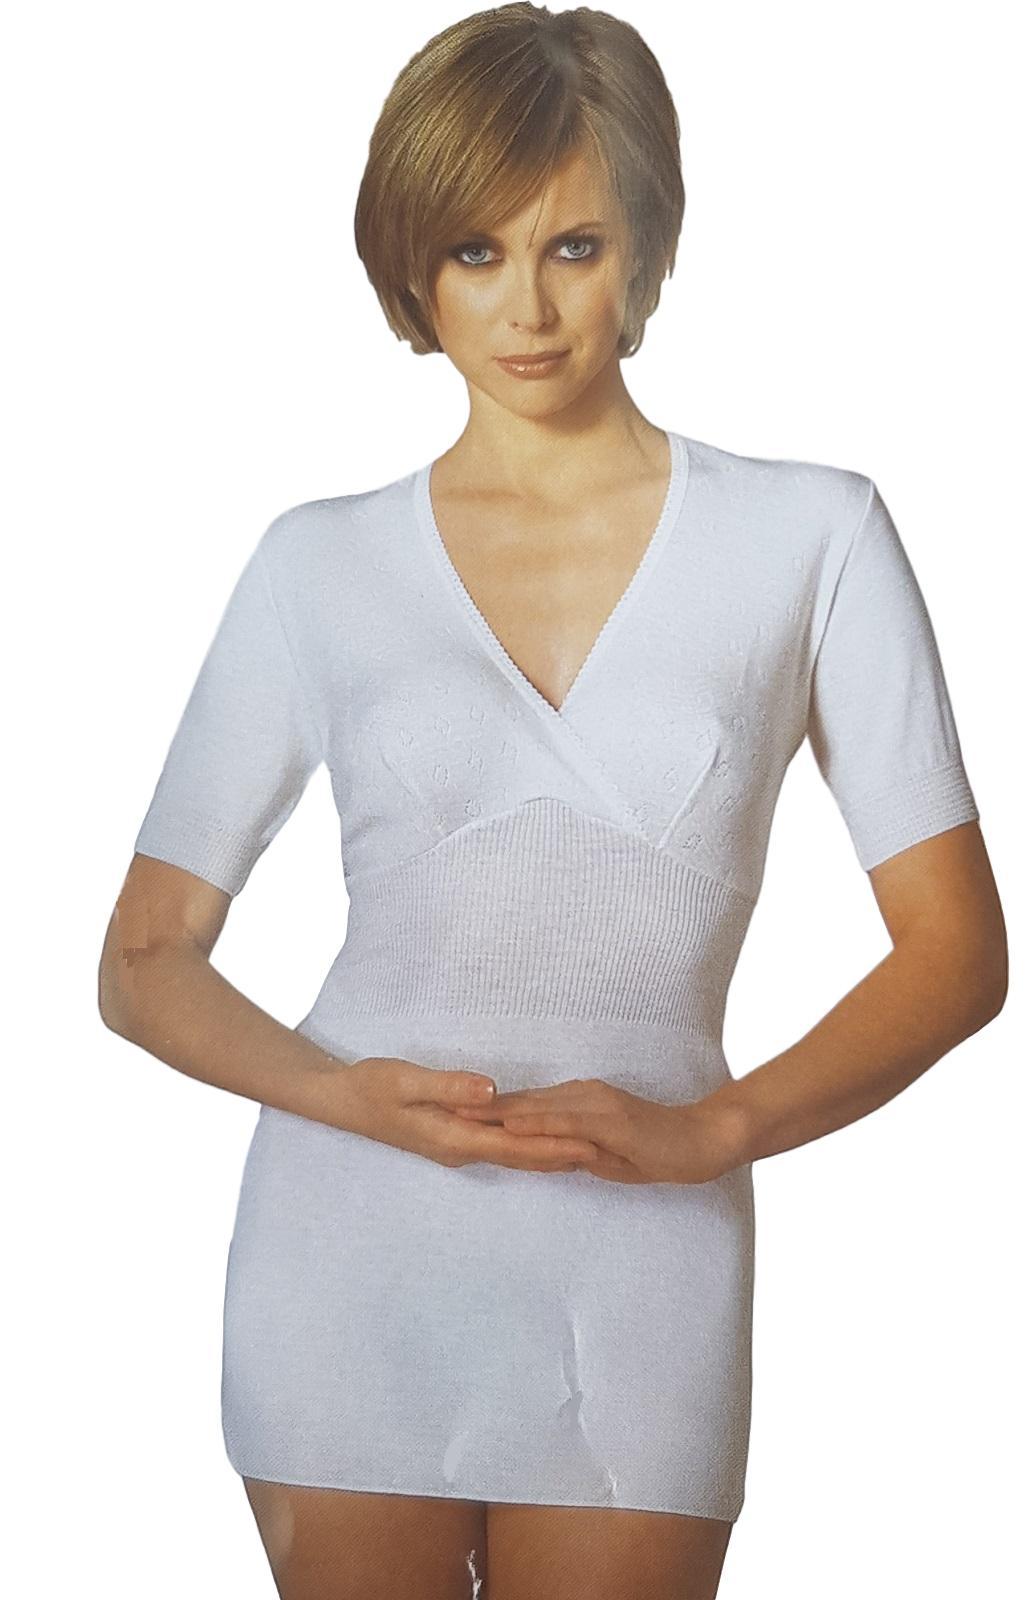 Camiciola donna mezza manica calda Lana con coppe PRODOTTO SANITARIO MANUFAT 116